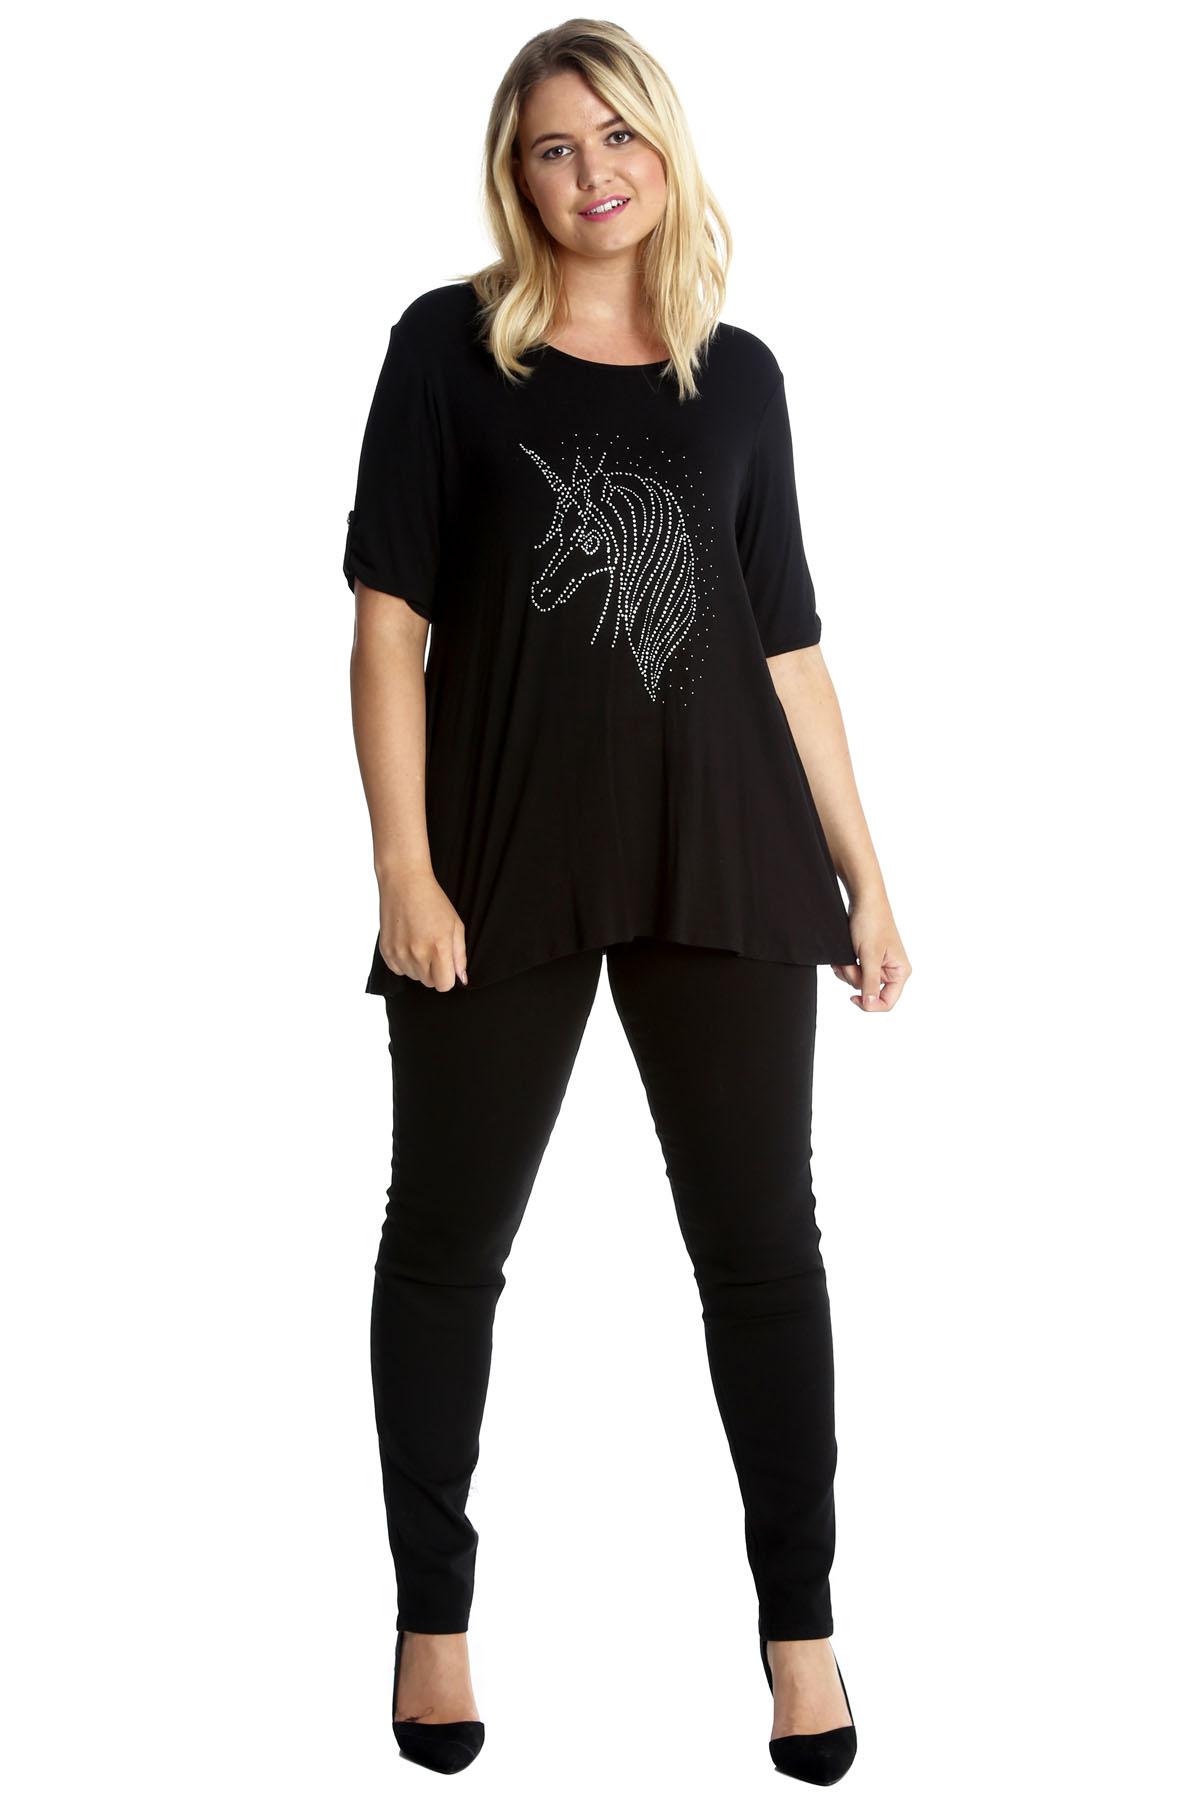 Neues Frauen Hemd Übergröße Einhorn 2 Knopf-T-Shirt Damen Straßsteine Nouvelle